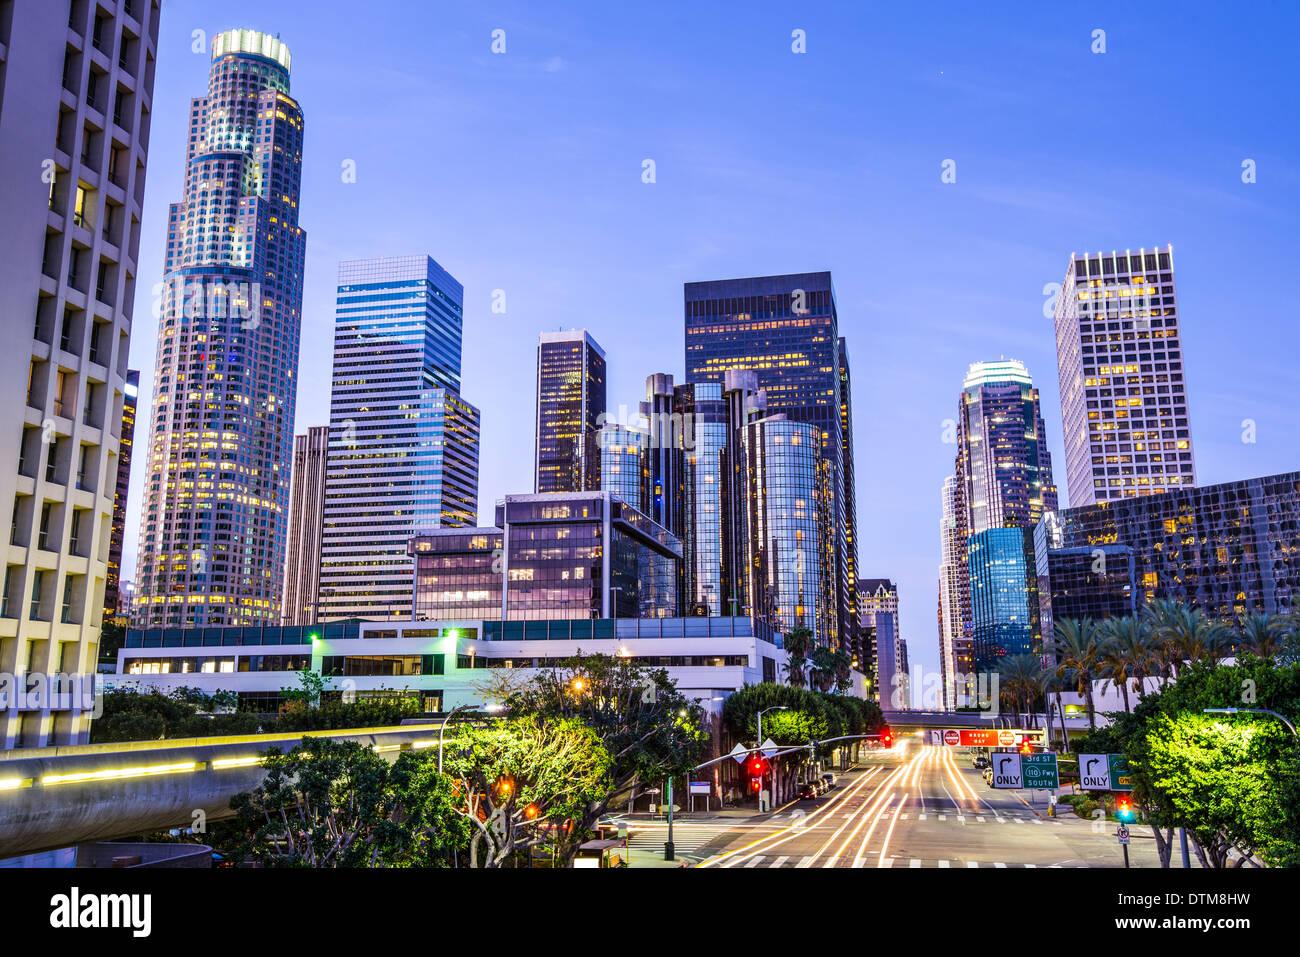 Los Angeles, California, EE.UU. el centro de ciudad. Imagen De Stock